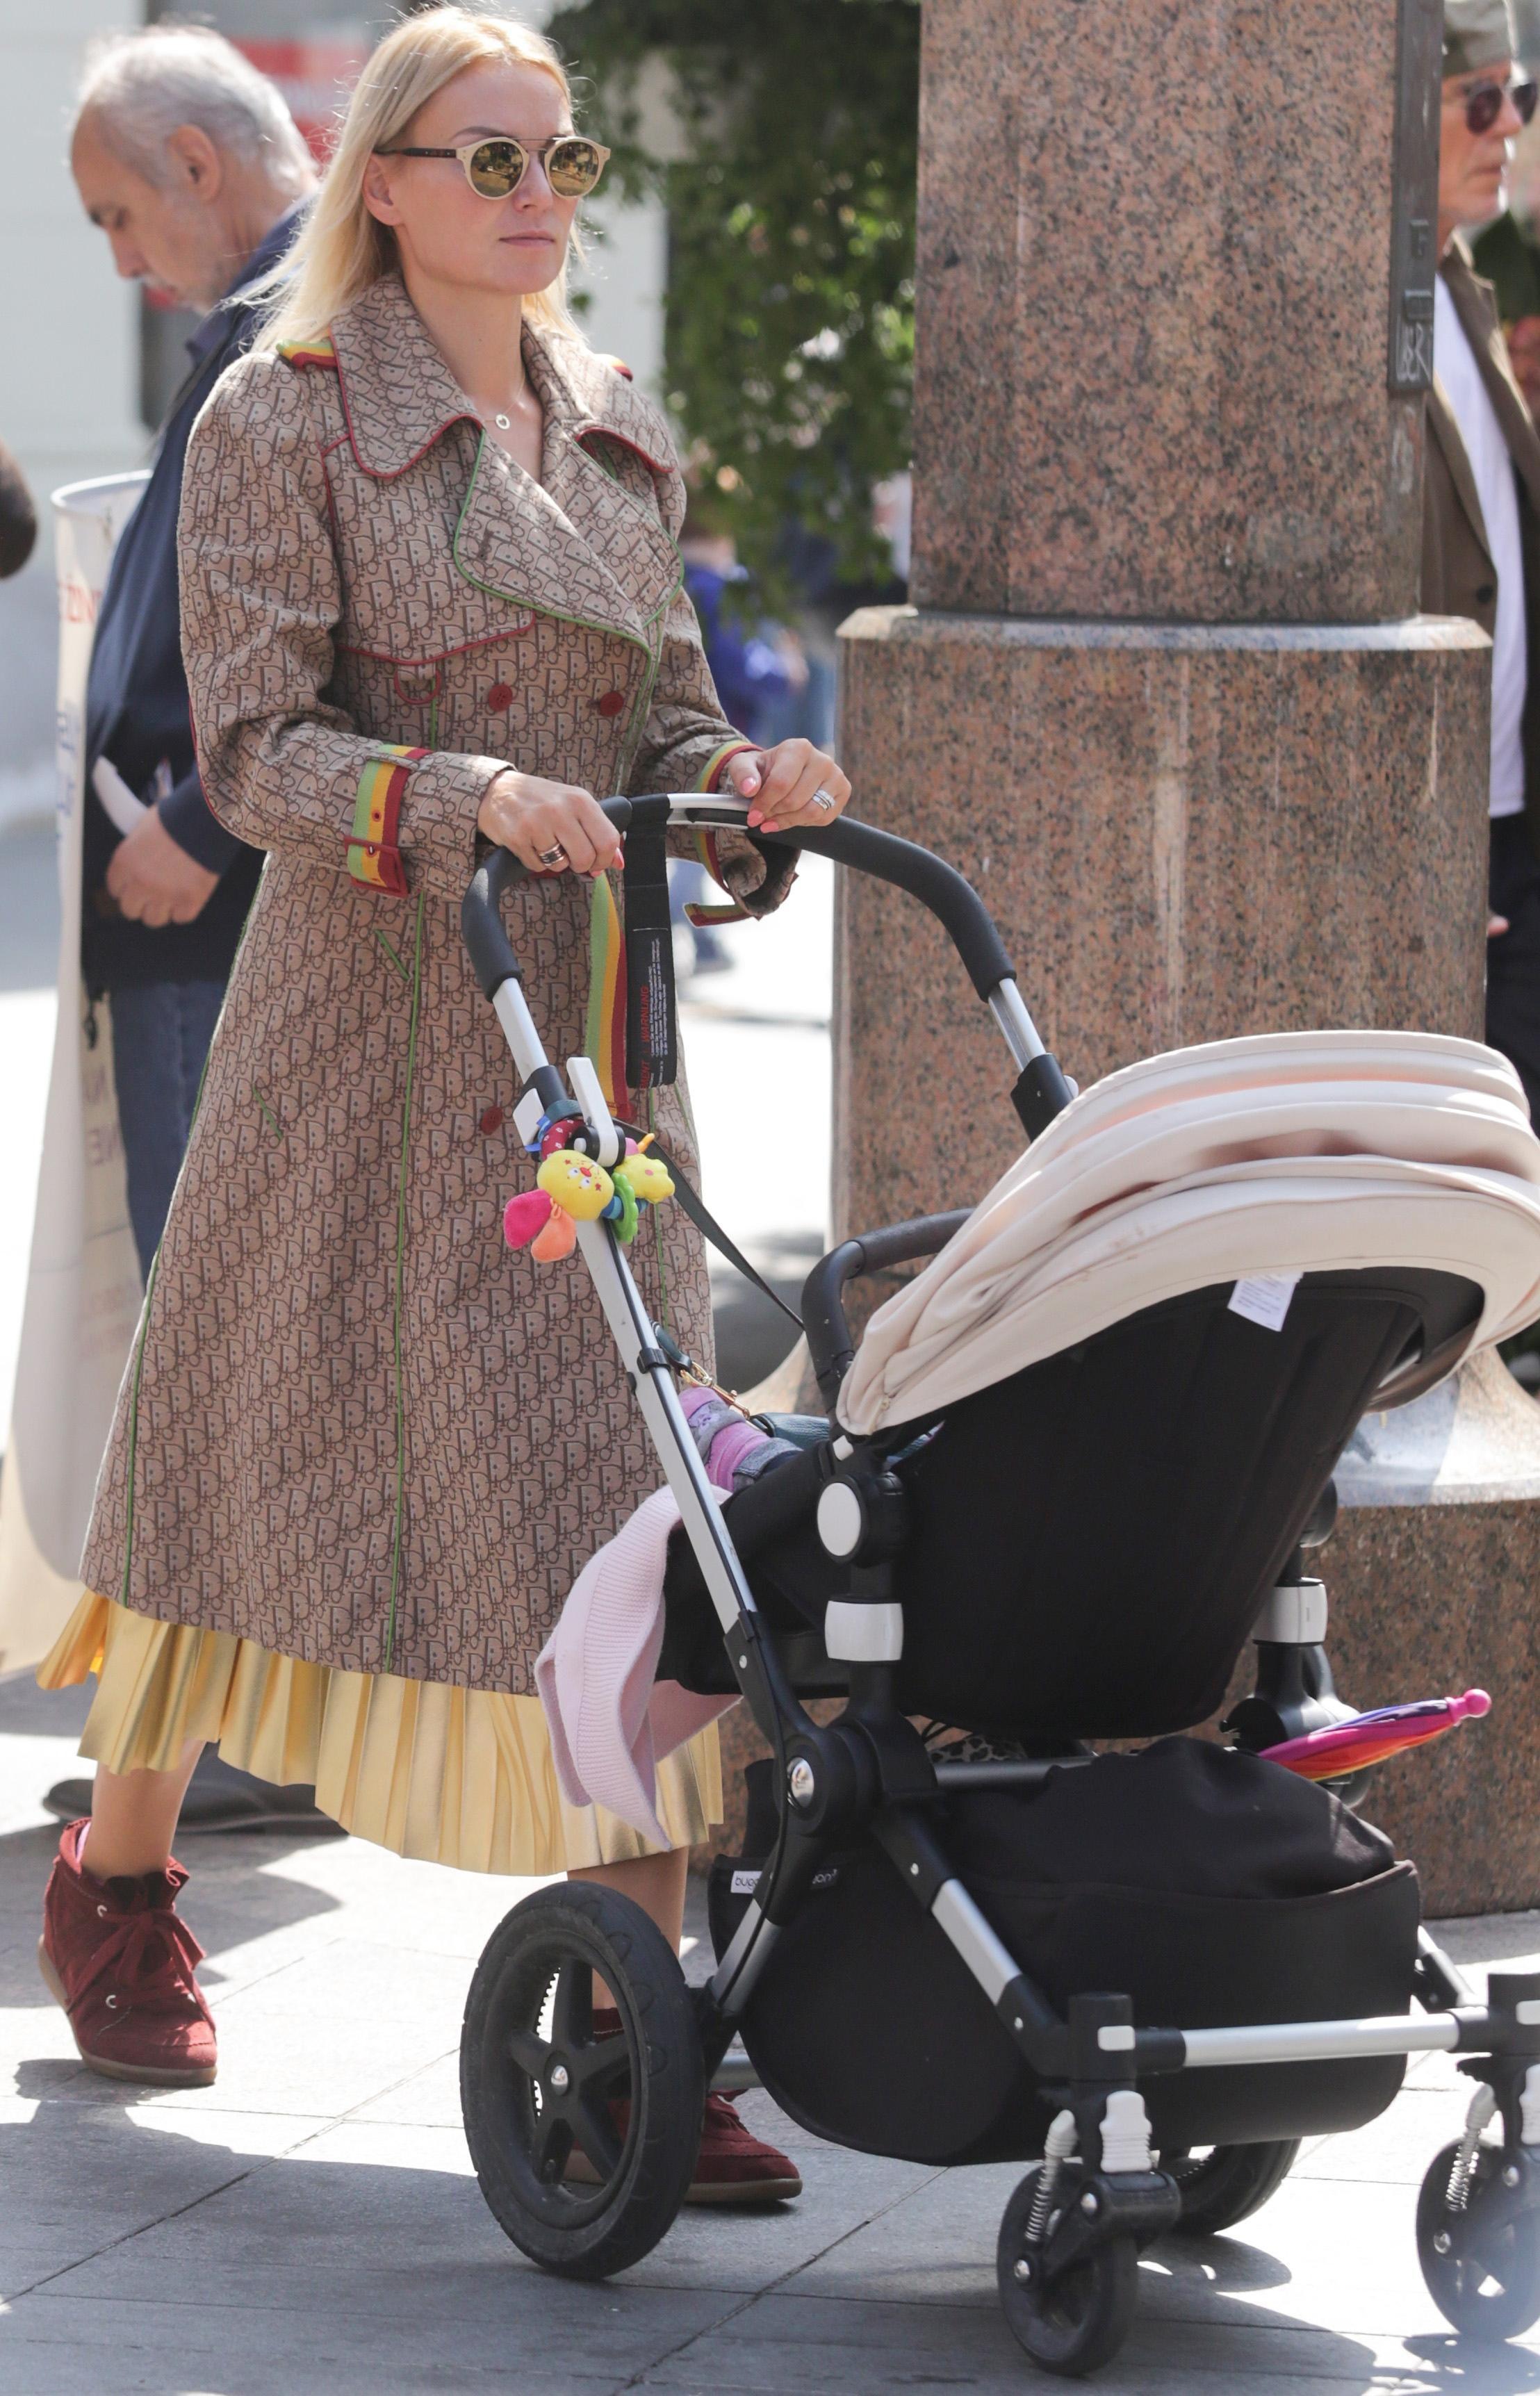 Dugo nismo vidjeli ovako stylish mamu kao na Cvjetnom trgu